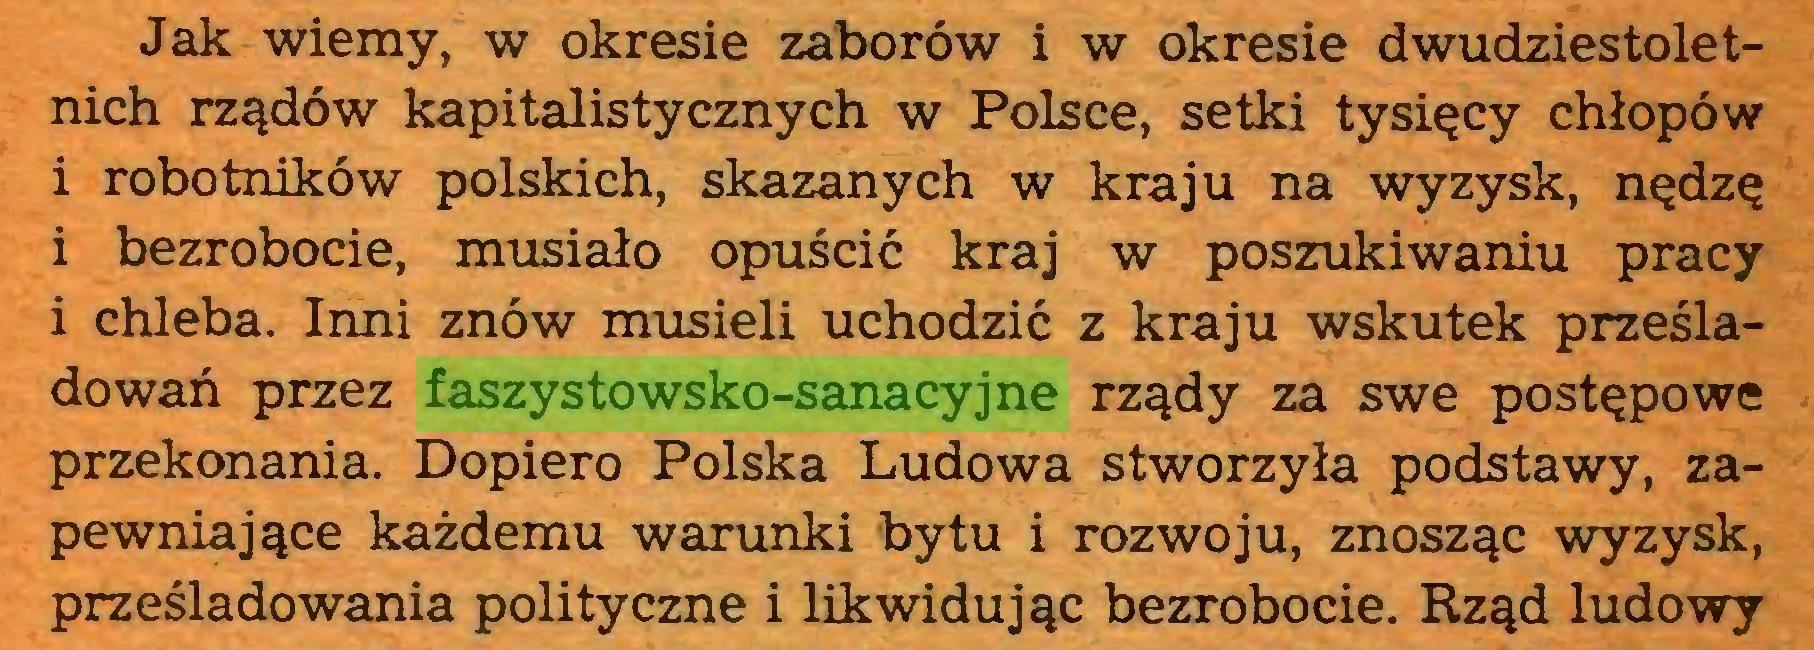 (...) Jak wiemy, w okresie zaborów i w okresie dwudziestoletnich rządów kapitalistycznych w Polsce, setki tysięcy chłopów i robotników polskich, skazanych w kraju na wyzysk, nędzę i bezrobocie, musiało opuścić kraj w poszukiwaniu pracy i chleba. Inni znów musieli uchodzić z kraju wskutek prześladowań przez faszystowsko-sanacyjne rządy za swe postępowe przekonania. Dopiero Polska Ludowa stworzyła podstawy, zapewniające każdemu warunki bytu i rozwoju, znosząc wyzysk, prześladowania polityczne i likwidując bezrobocie. Rząd ludowy...